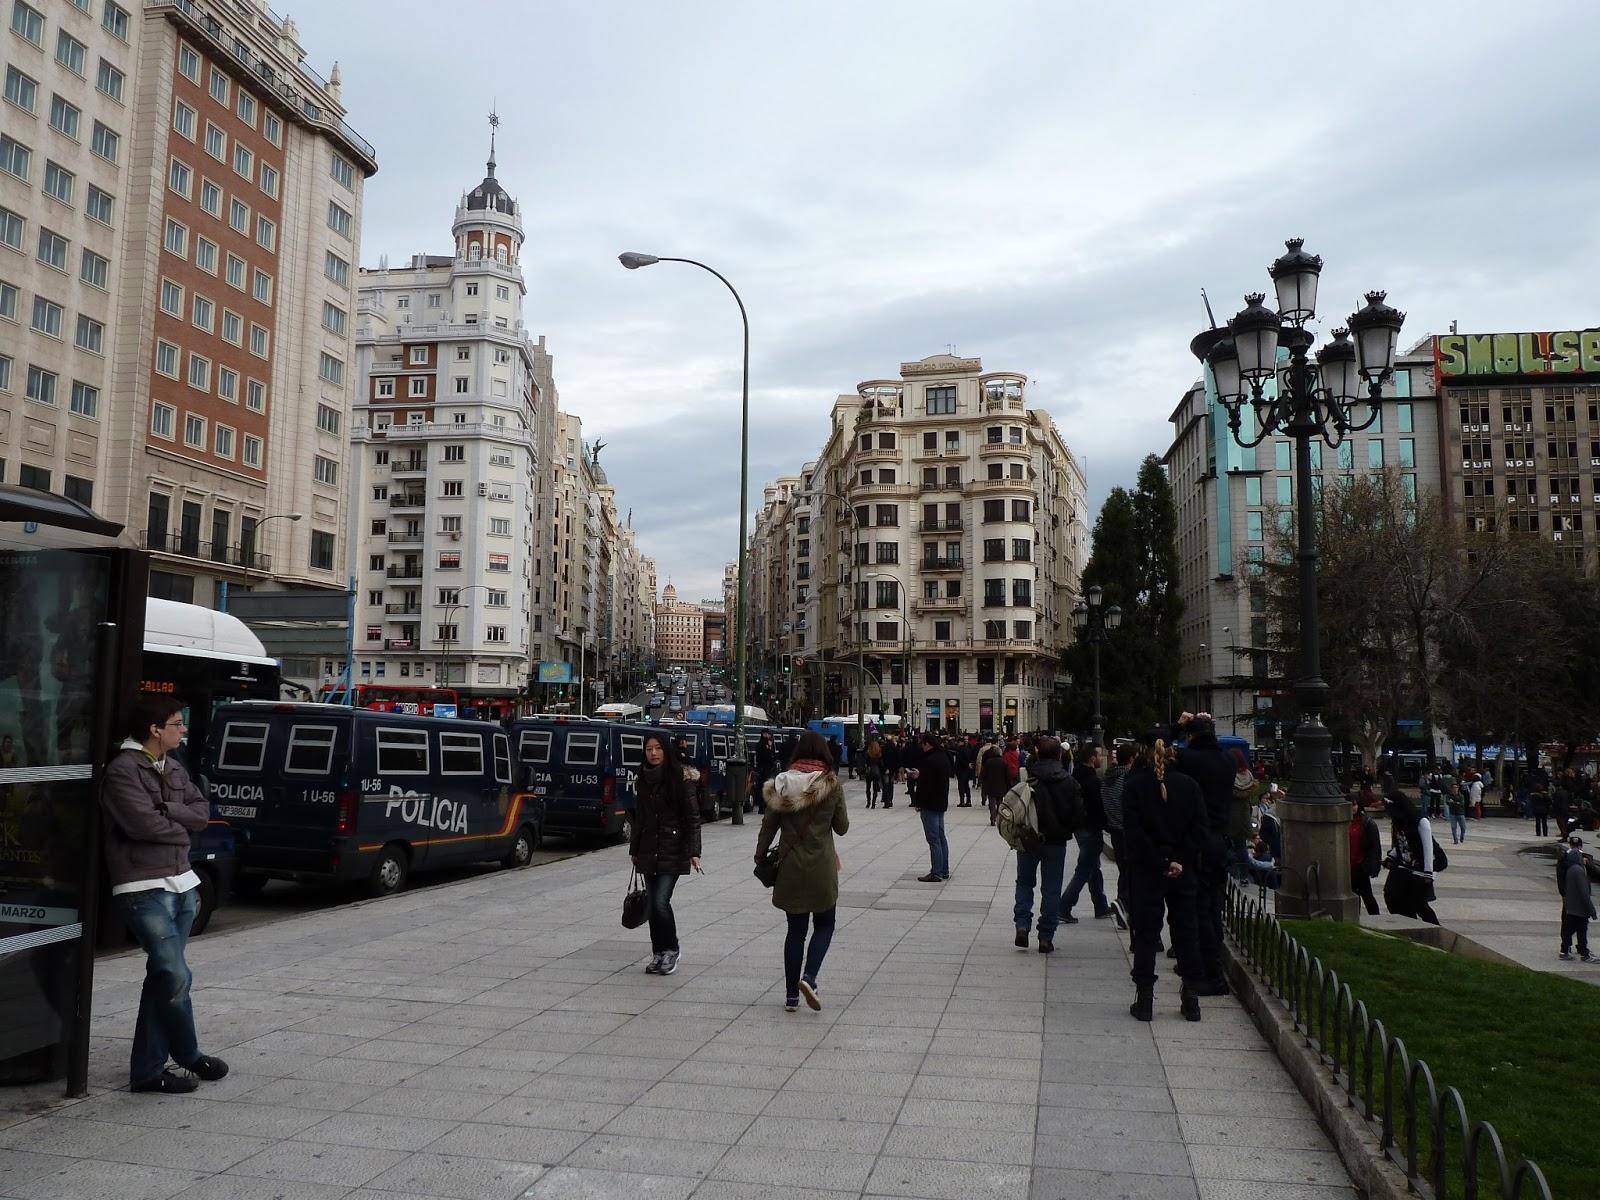 La loc cr nica mani 16 marzo madrid plaza espa a sol for Sol plaza madrid